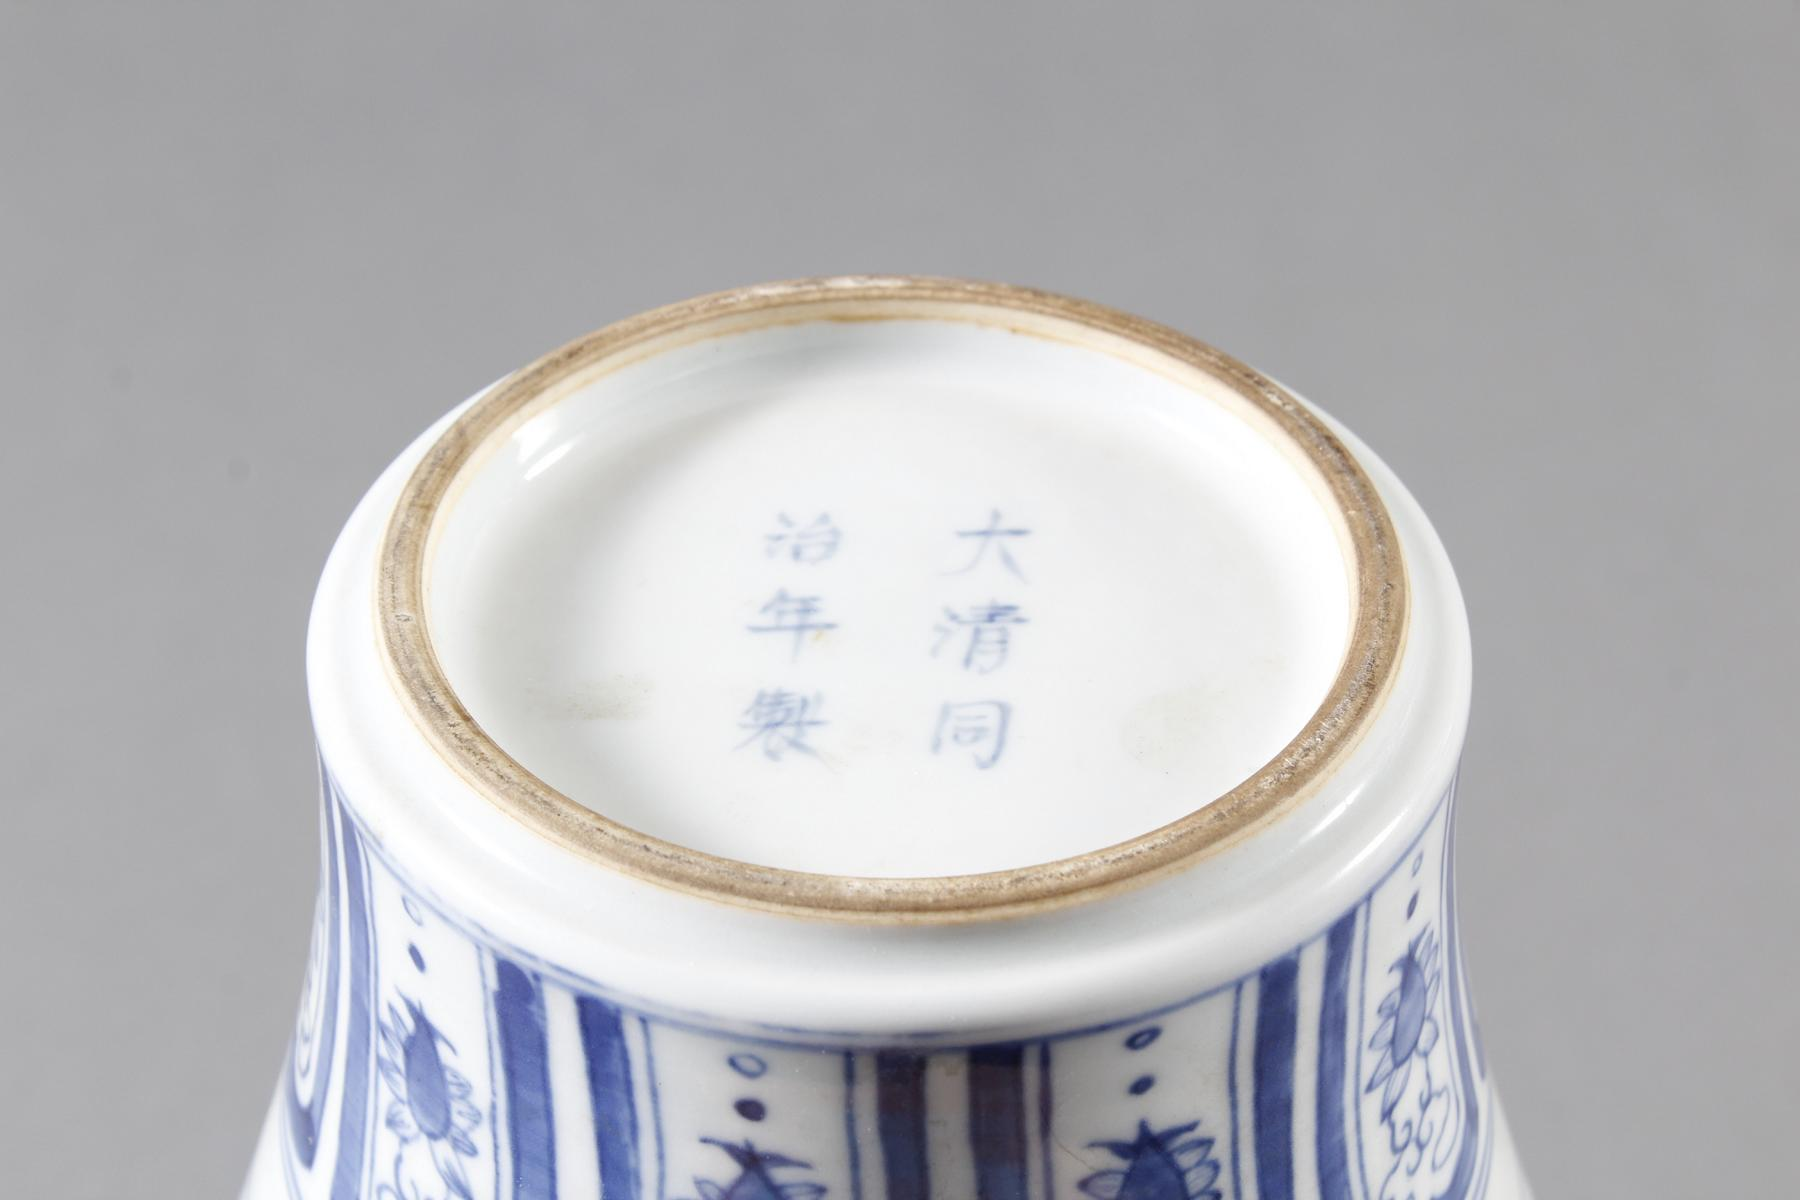 """Blau-Weiß- Porzellan Ziervase """"Meiping"""", China, Thung-chih 1862-1874 gemarkt-6"""